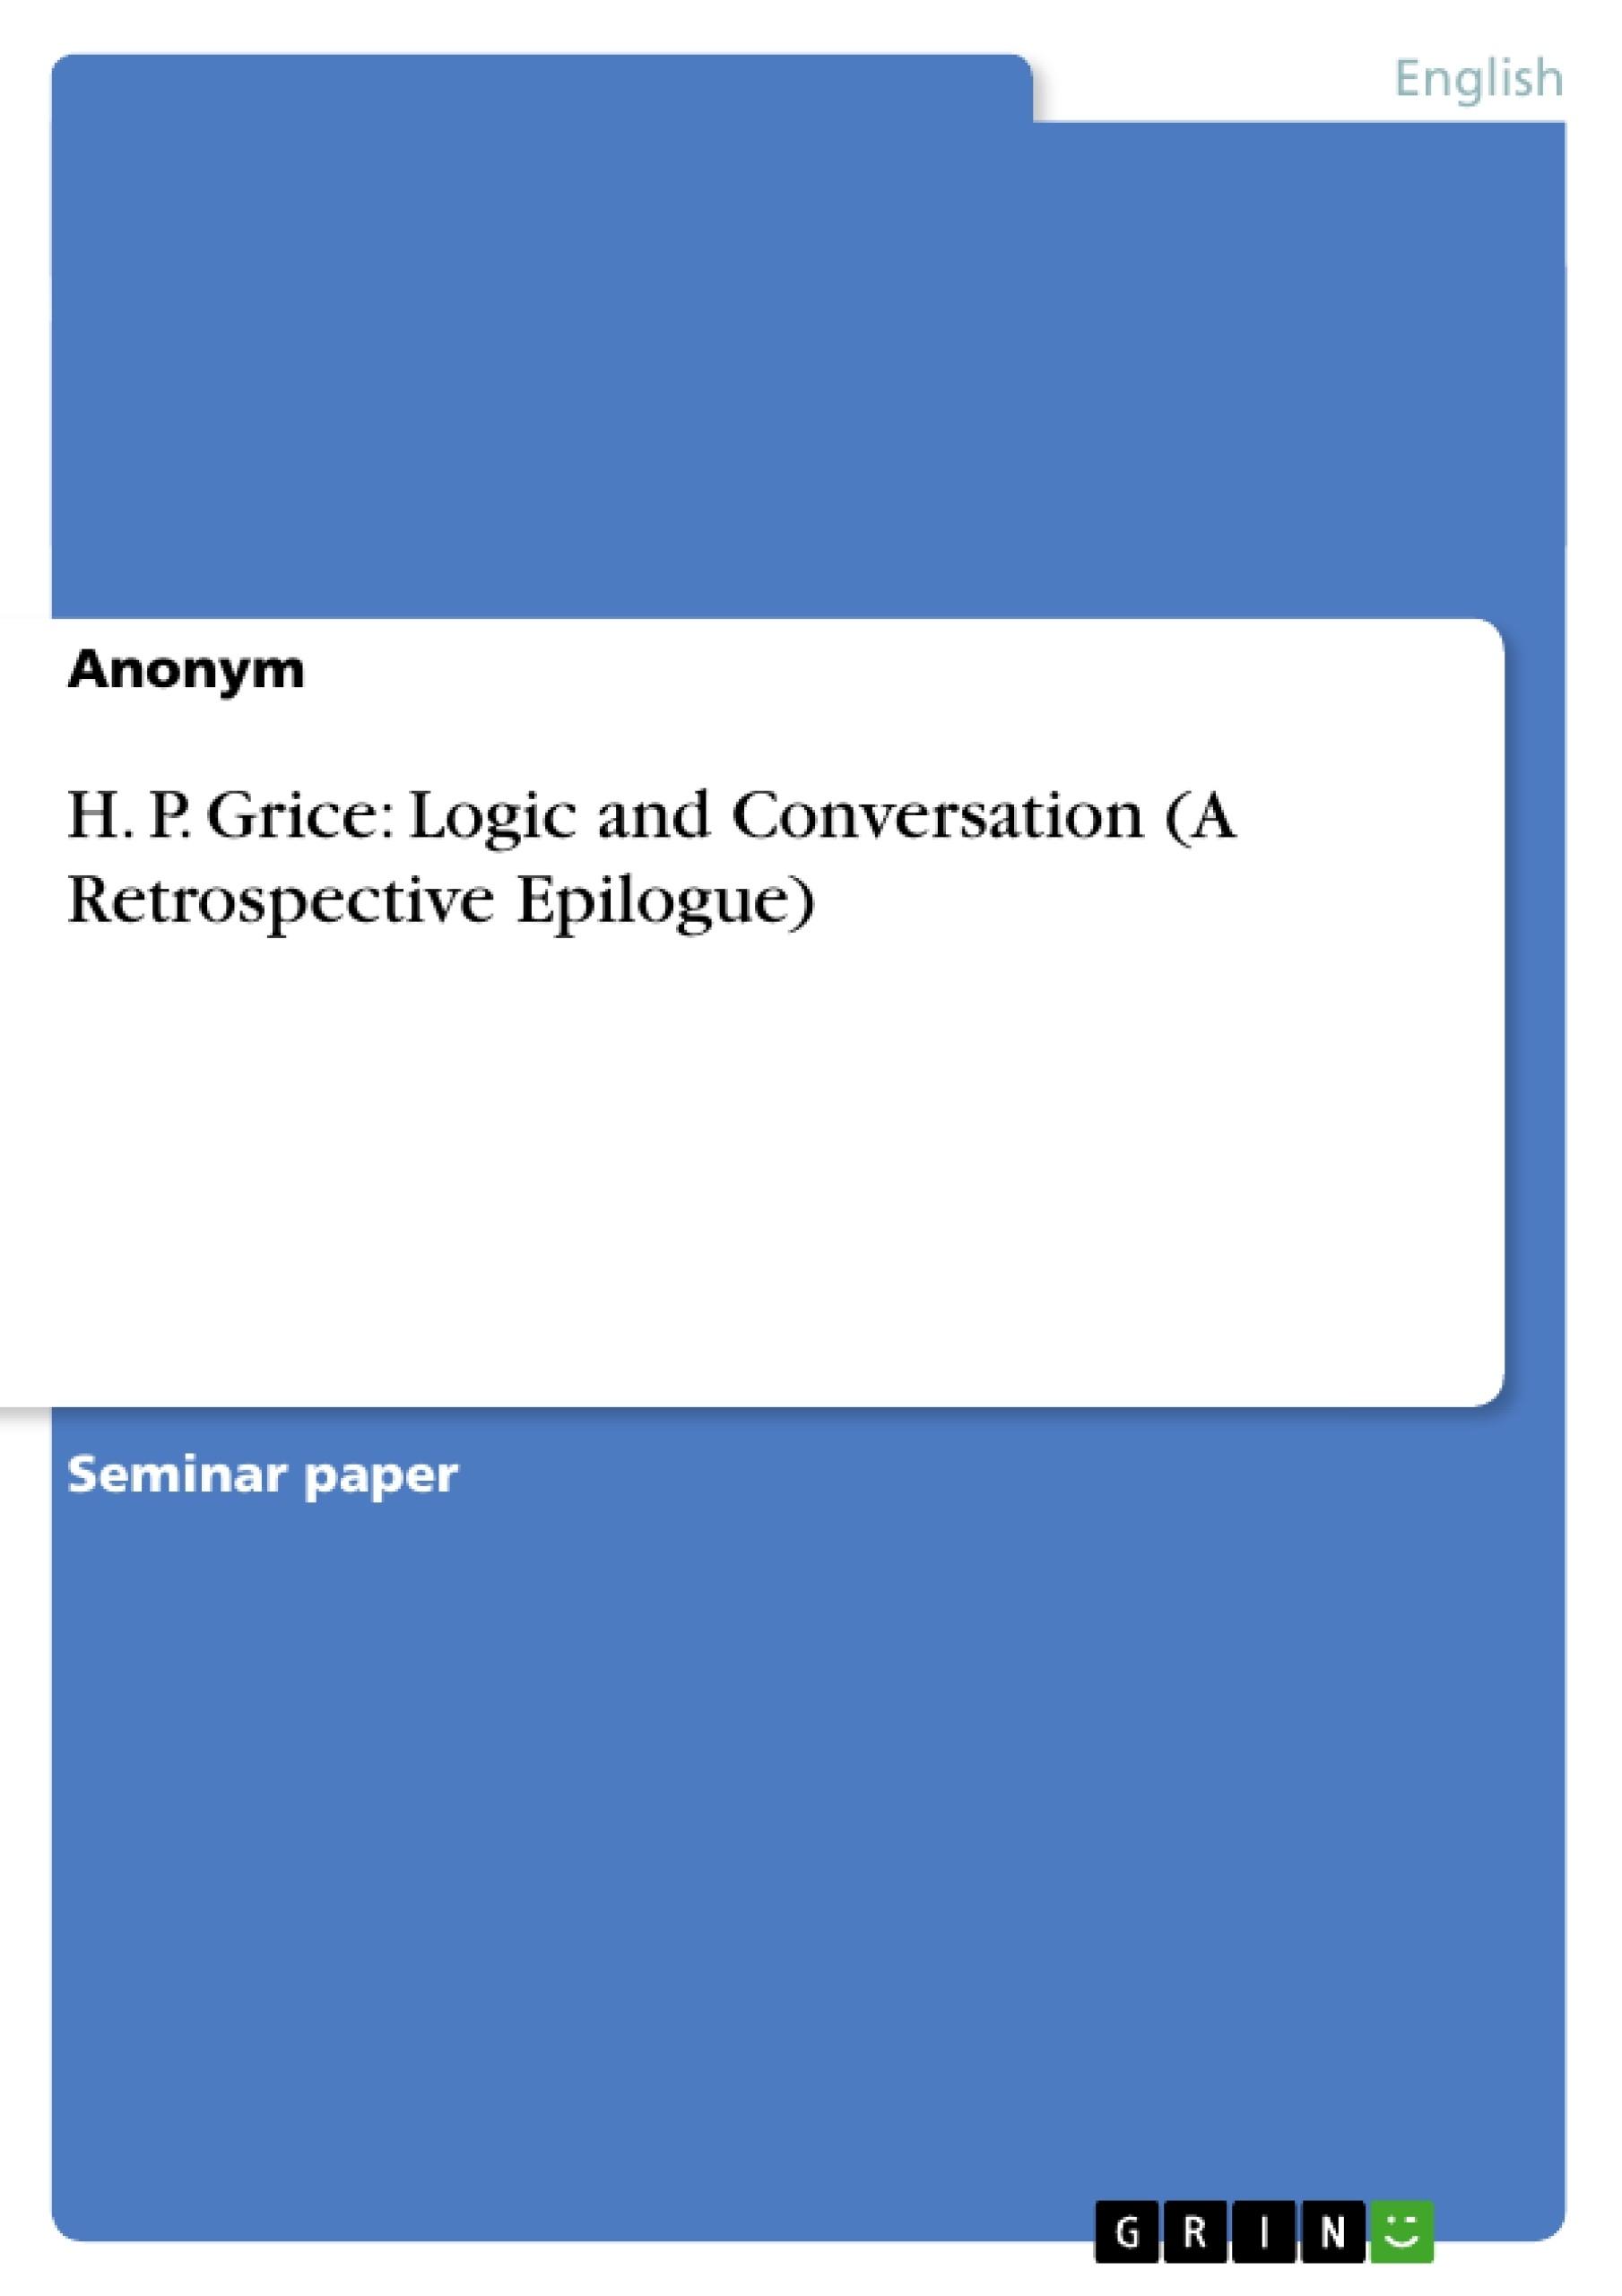 Title: H. P. Grice: Logic and Conversation   (A Retrospective Epilogue)